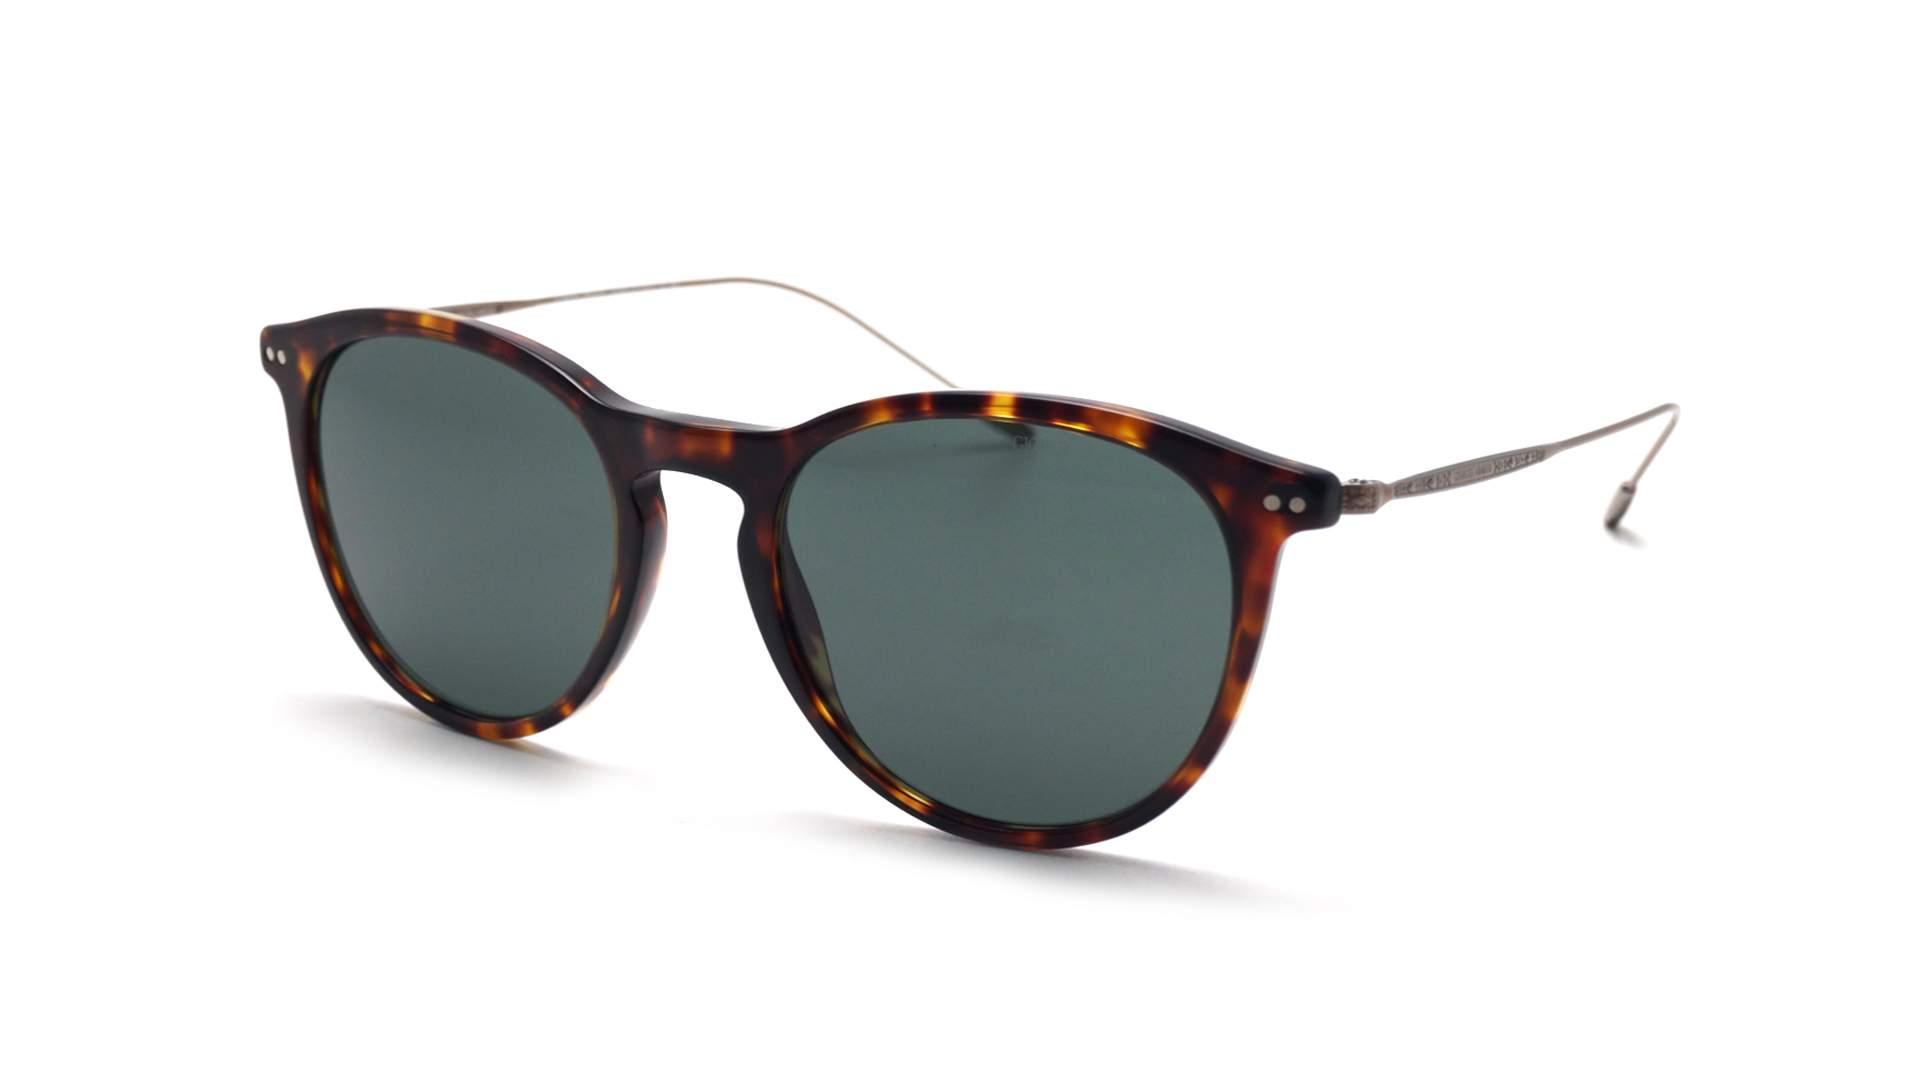 809bbcfaf41a Sunglasses Giorgio Armani Frames Of Life Tortoise AR8108 5026/71 51-19  Medium